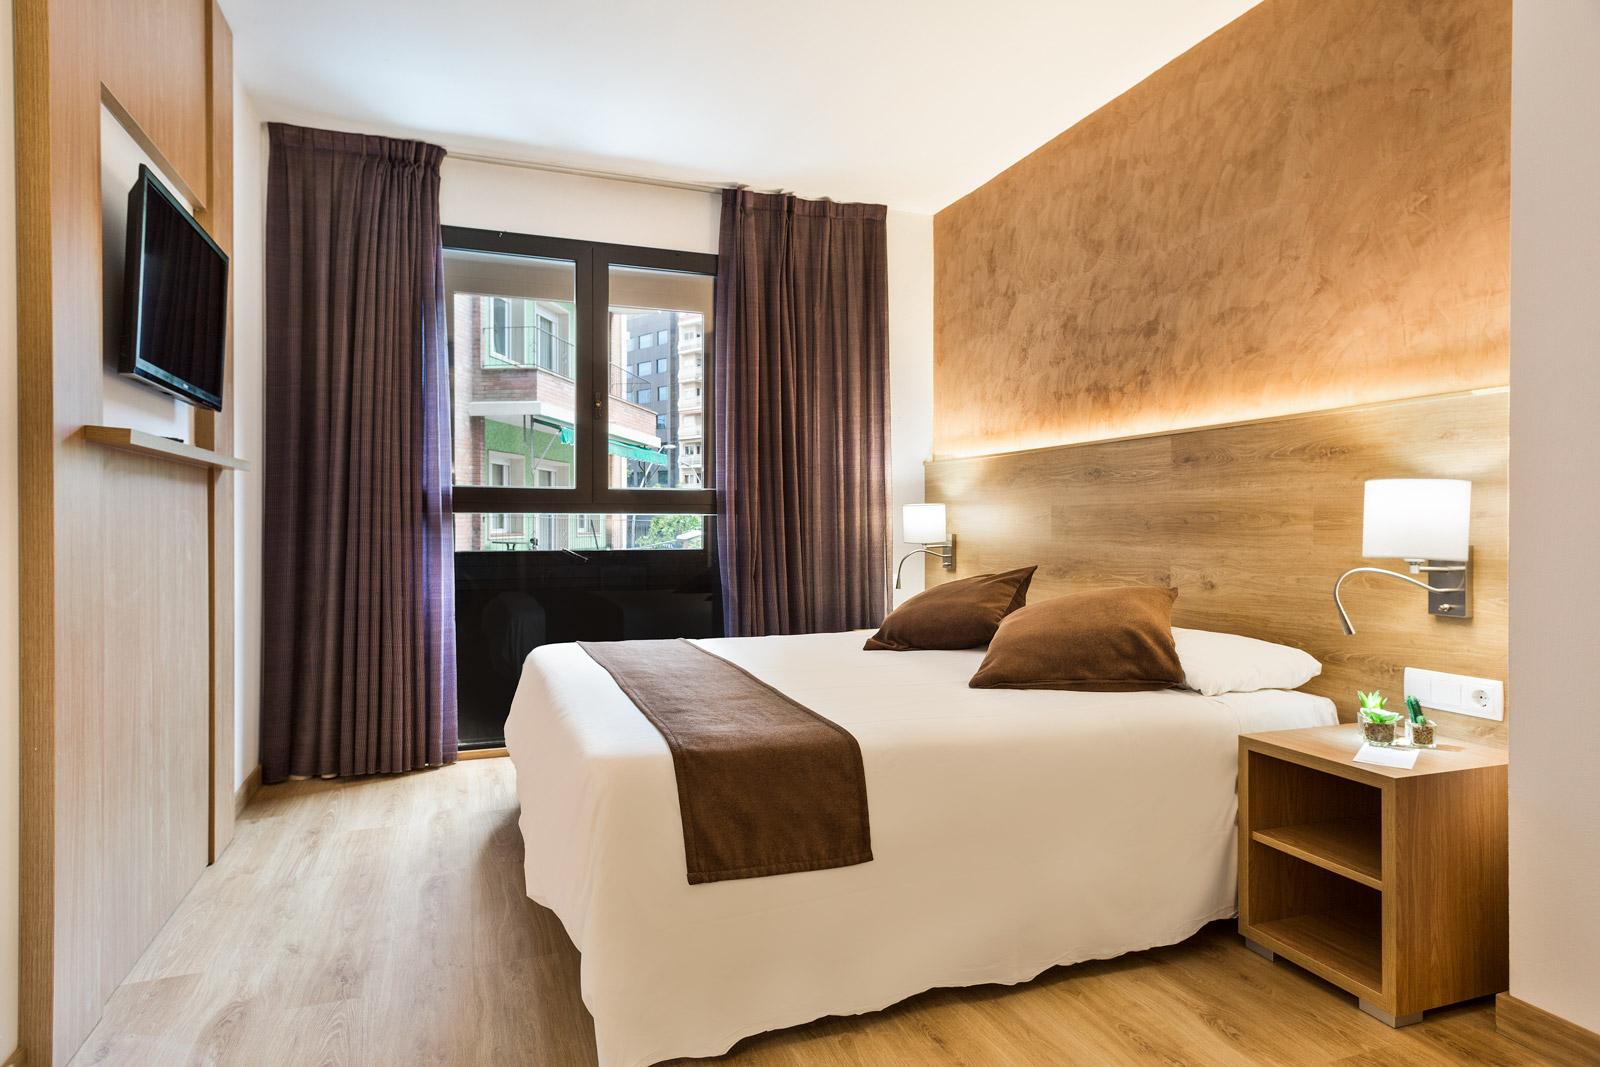 HOTEL_AZUL_HABITACIÓN_DOBLE_C1Q_02